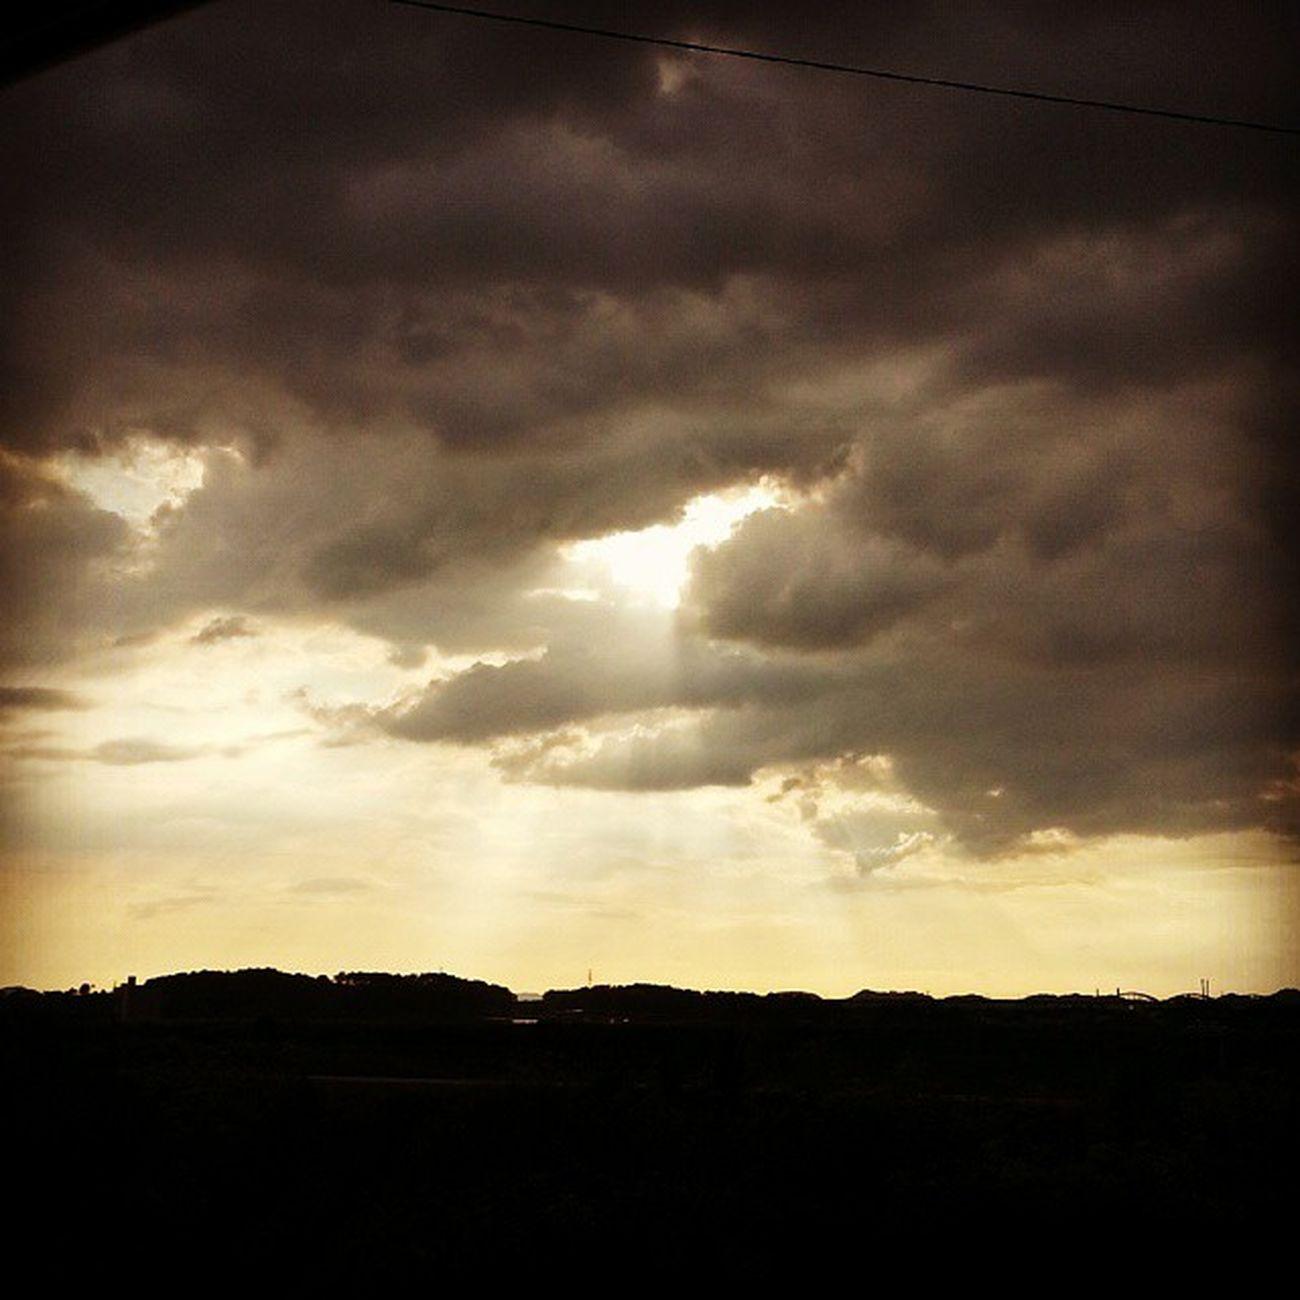 자연현상 구름 자연 Cloud Clouds Korean 밤 Night 글 글스타그램 독서 좋은문구 데일리 Daily 사진 Dailyphoto Photo Photooftheday 인스타그램 선팔 맞팔 소통 Earth 내생각 셀피 selfie 자작글 . . . . 내 마음에도 그대라는 사계절이 있었으면 좋겠다. 봄에는 그대처럼 화사한 꽃이 피었으면 좋겠고 여름에는 비온뒤 무지개가 생겼으면 좋겠고 가을에는 멋진 낙엽이 물들어갔으면 좋겠고 겨울에는 새 하얀눈으로 그대가 가득했으면 좋겠다. 그대라는 사계절을 만나고싶다. .mc